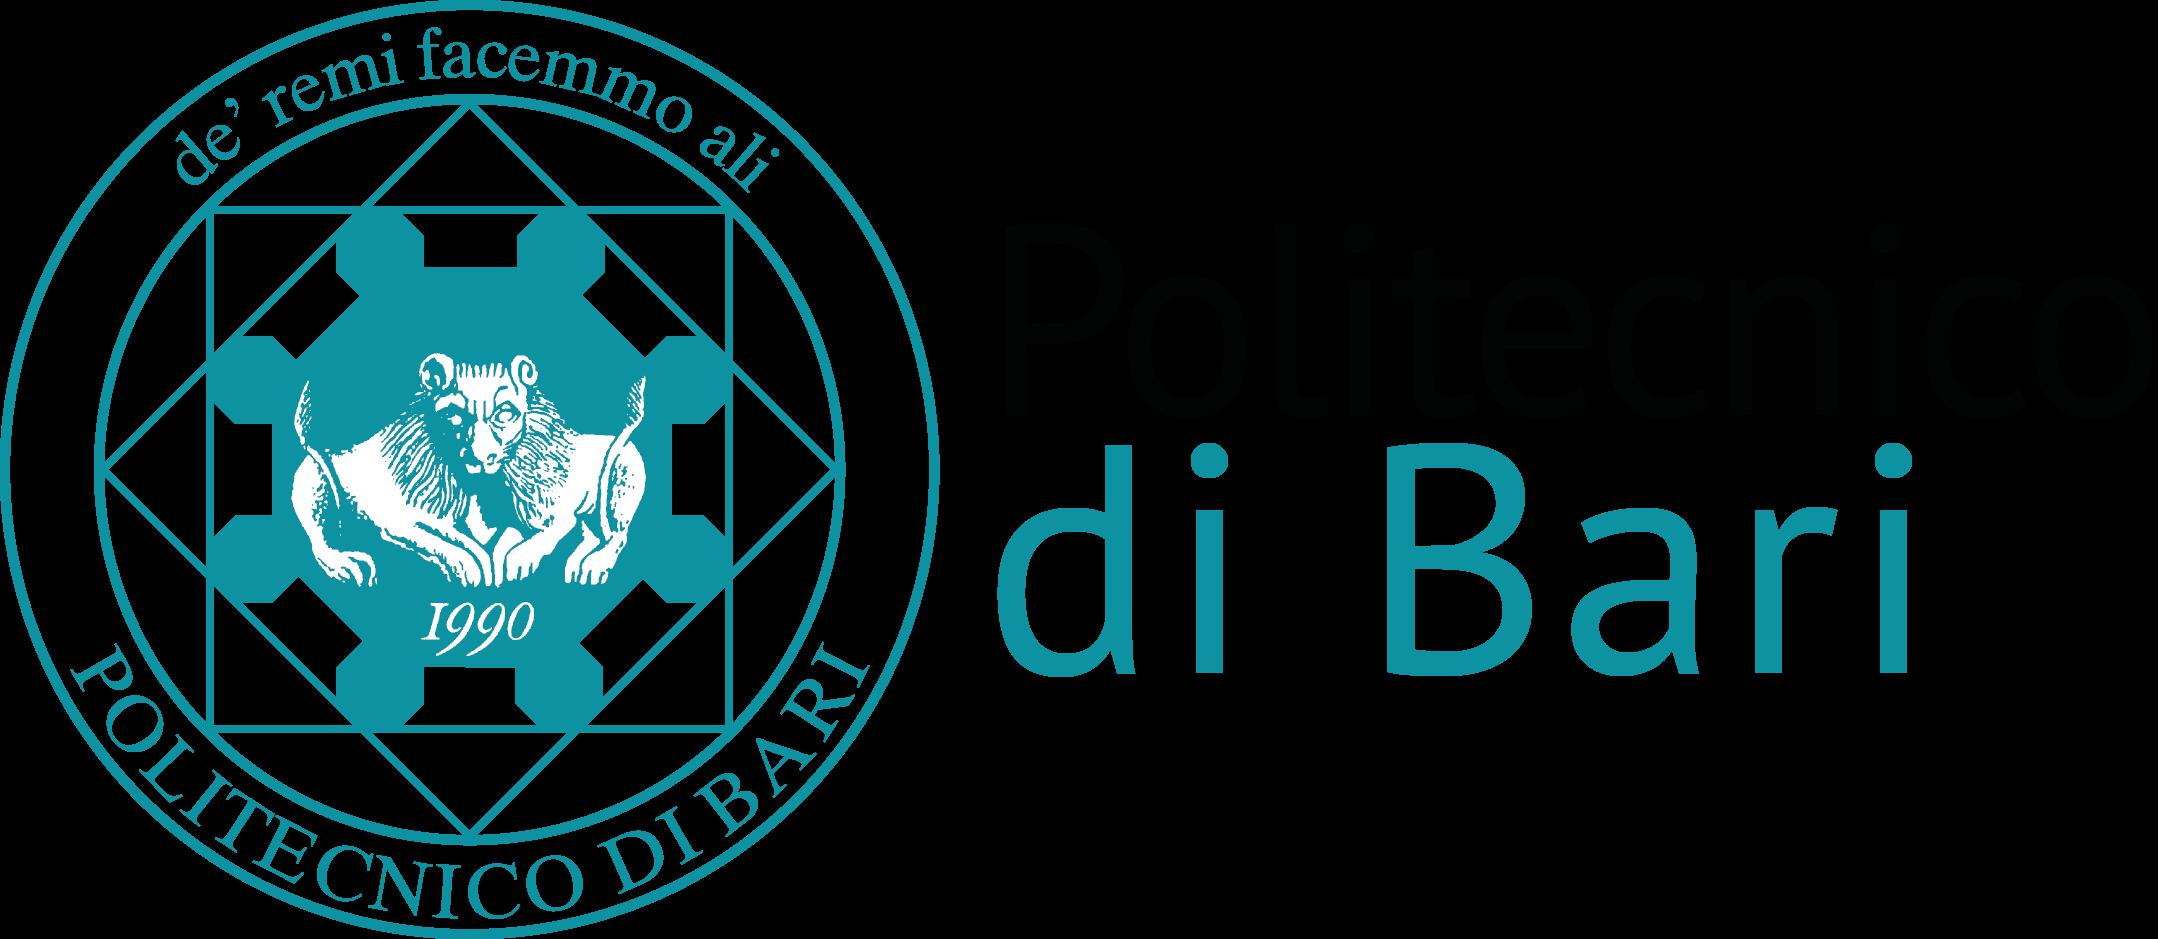 Politecnico di Bari - orientamento universitario.